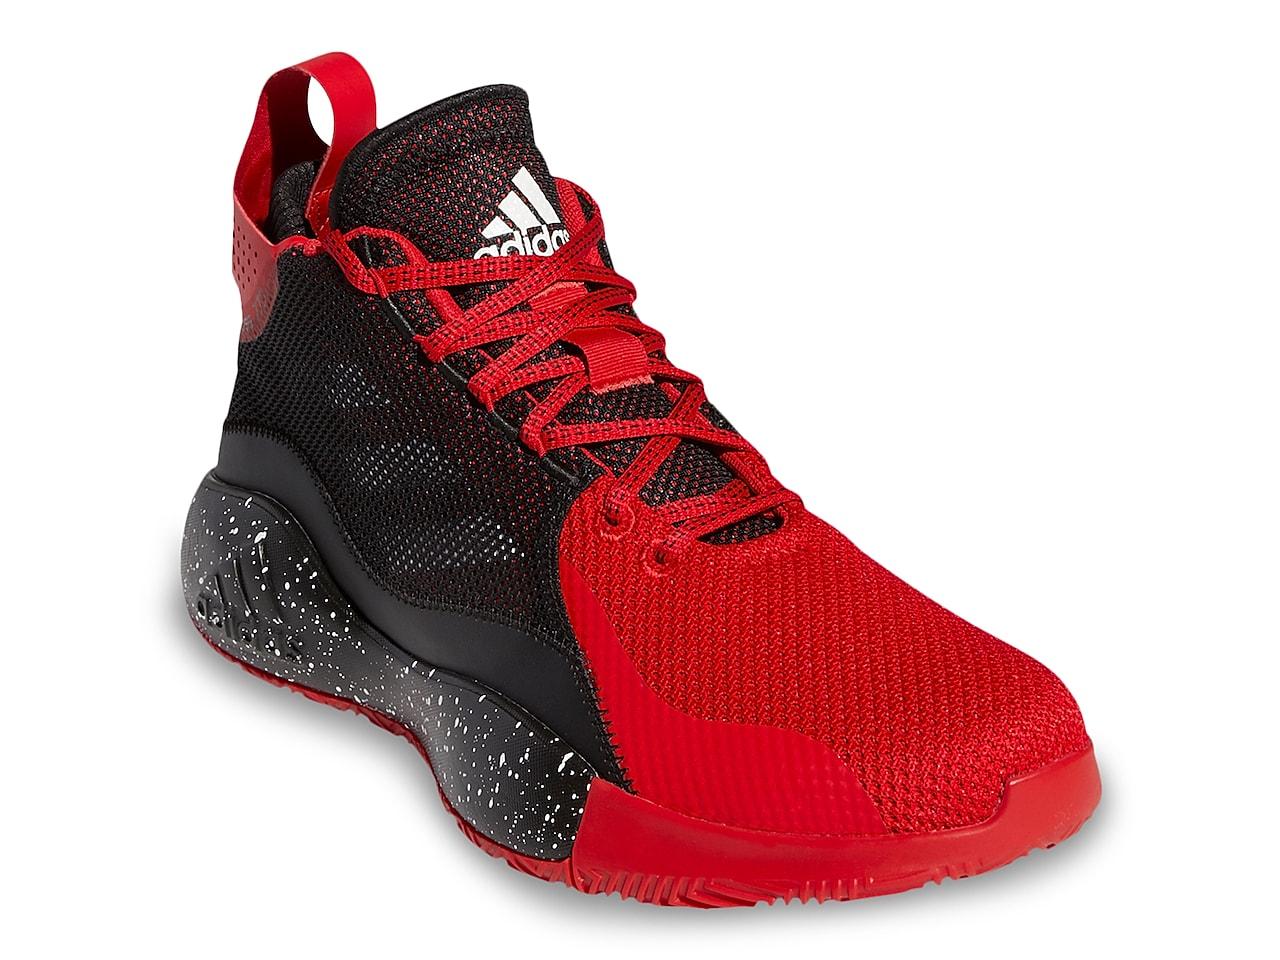 adidas D Rose 773 2020 Basketball Shoe - Men's Men's Shoes   DSW